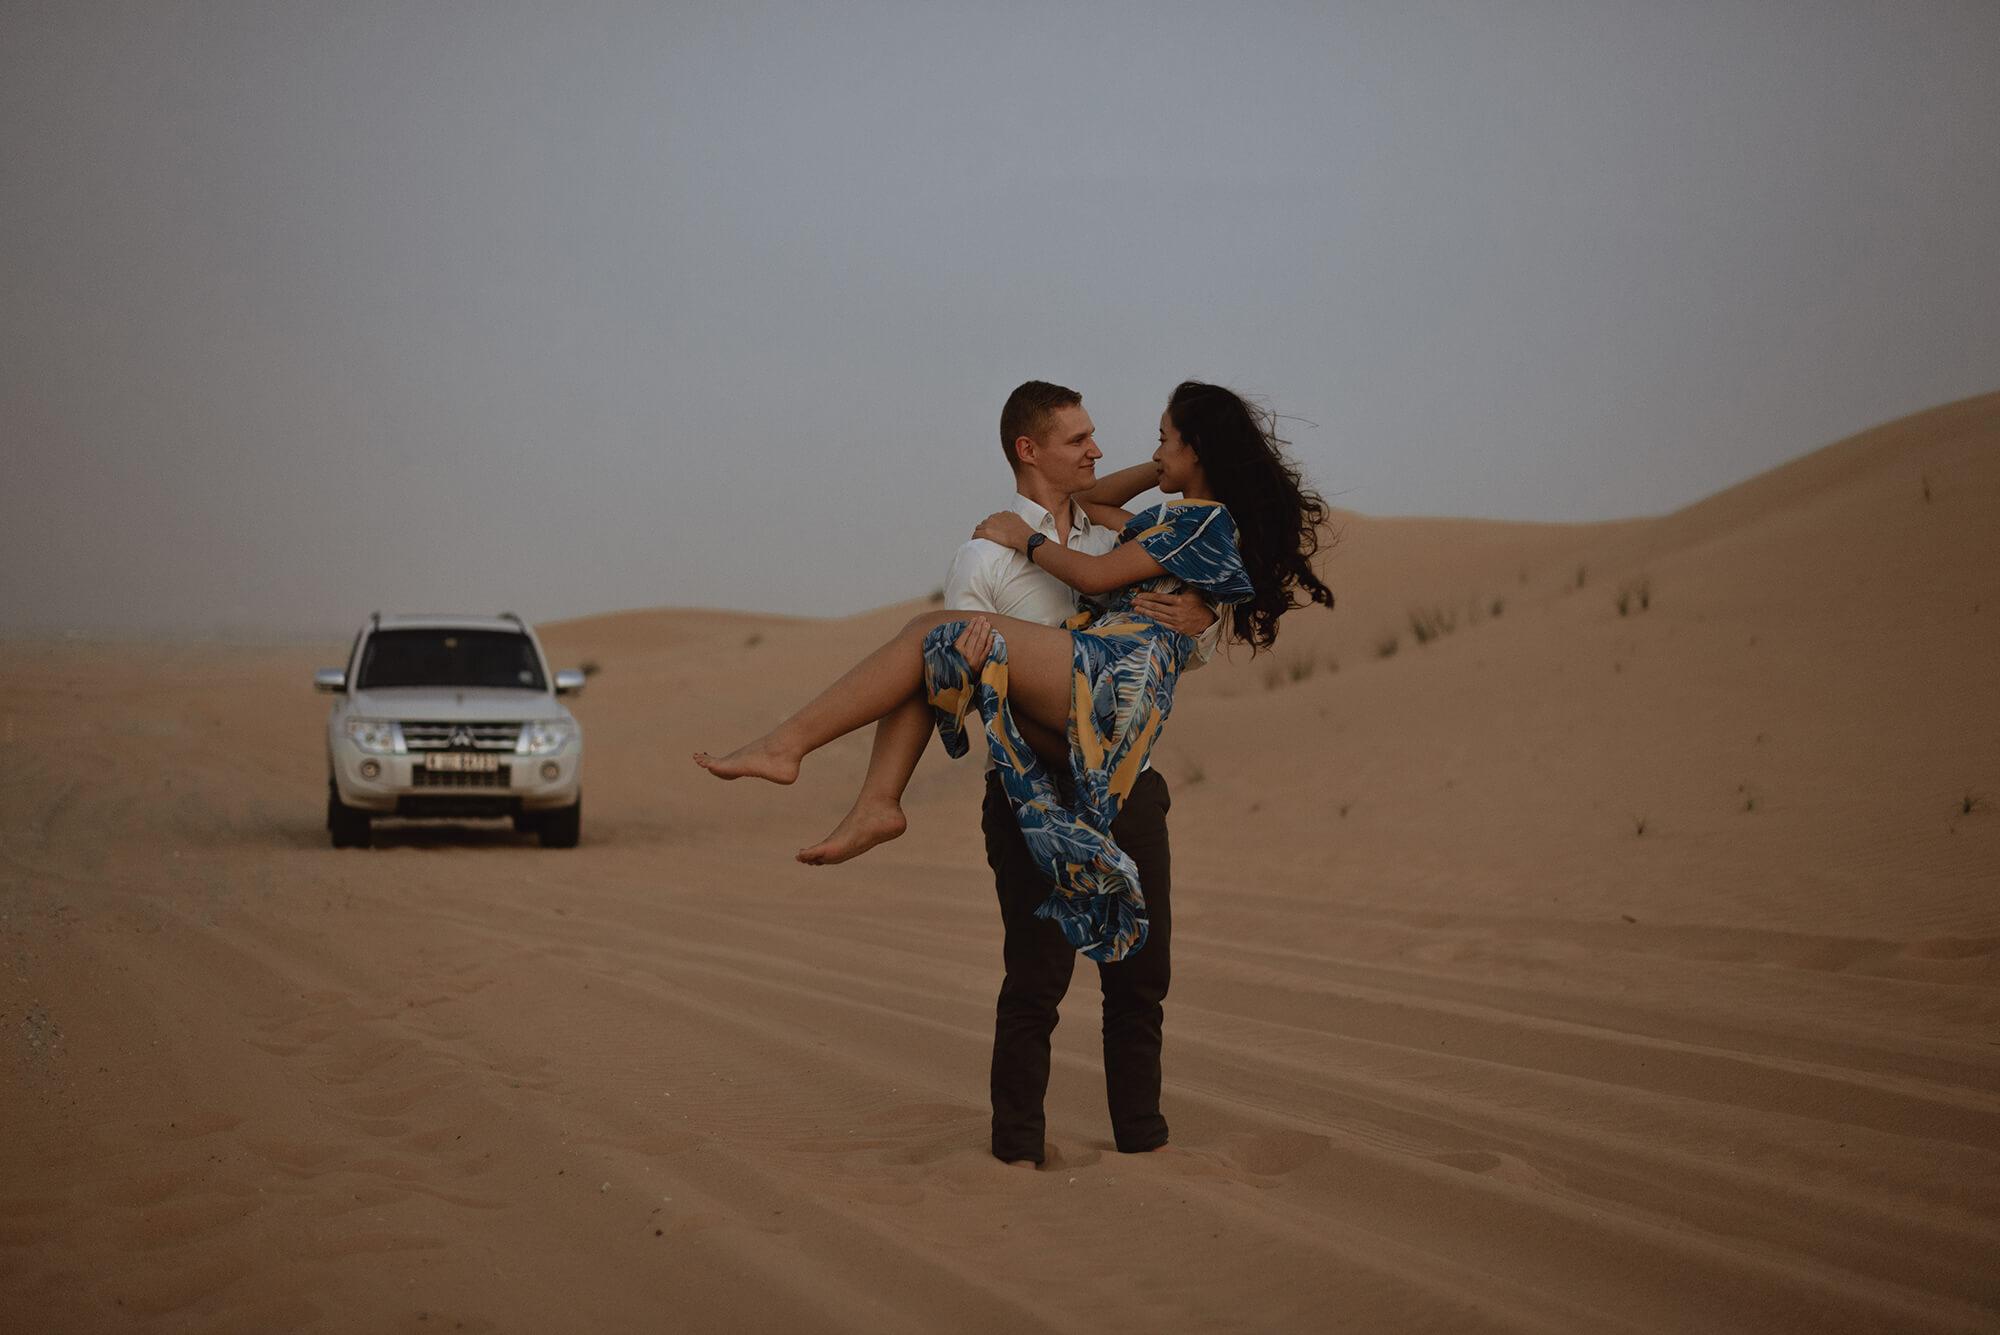 Sesja narzeczenska w dubaju18 - Citra + Kuba | miłość w Dubaju + 6 powodów dlaczego sesja narzeczeńska jest tak ważna